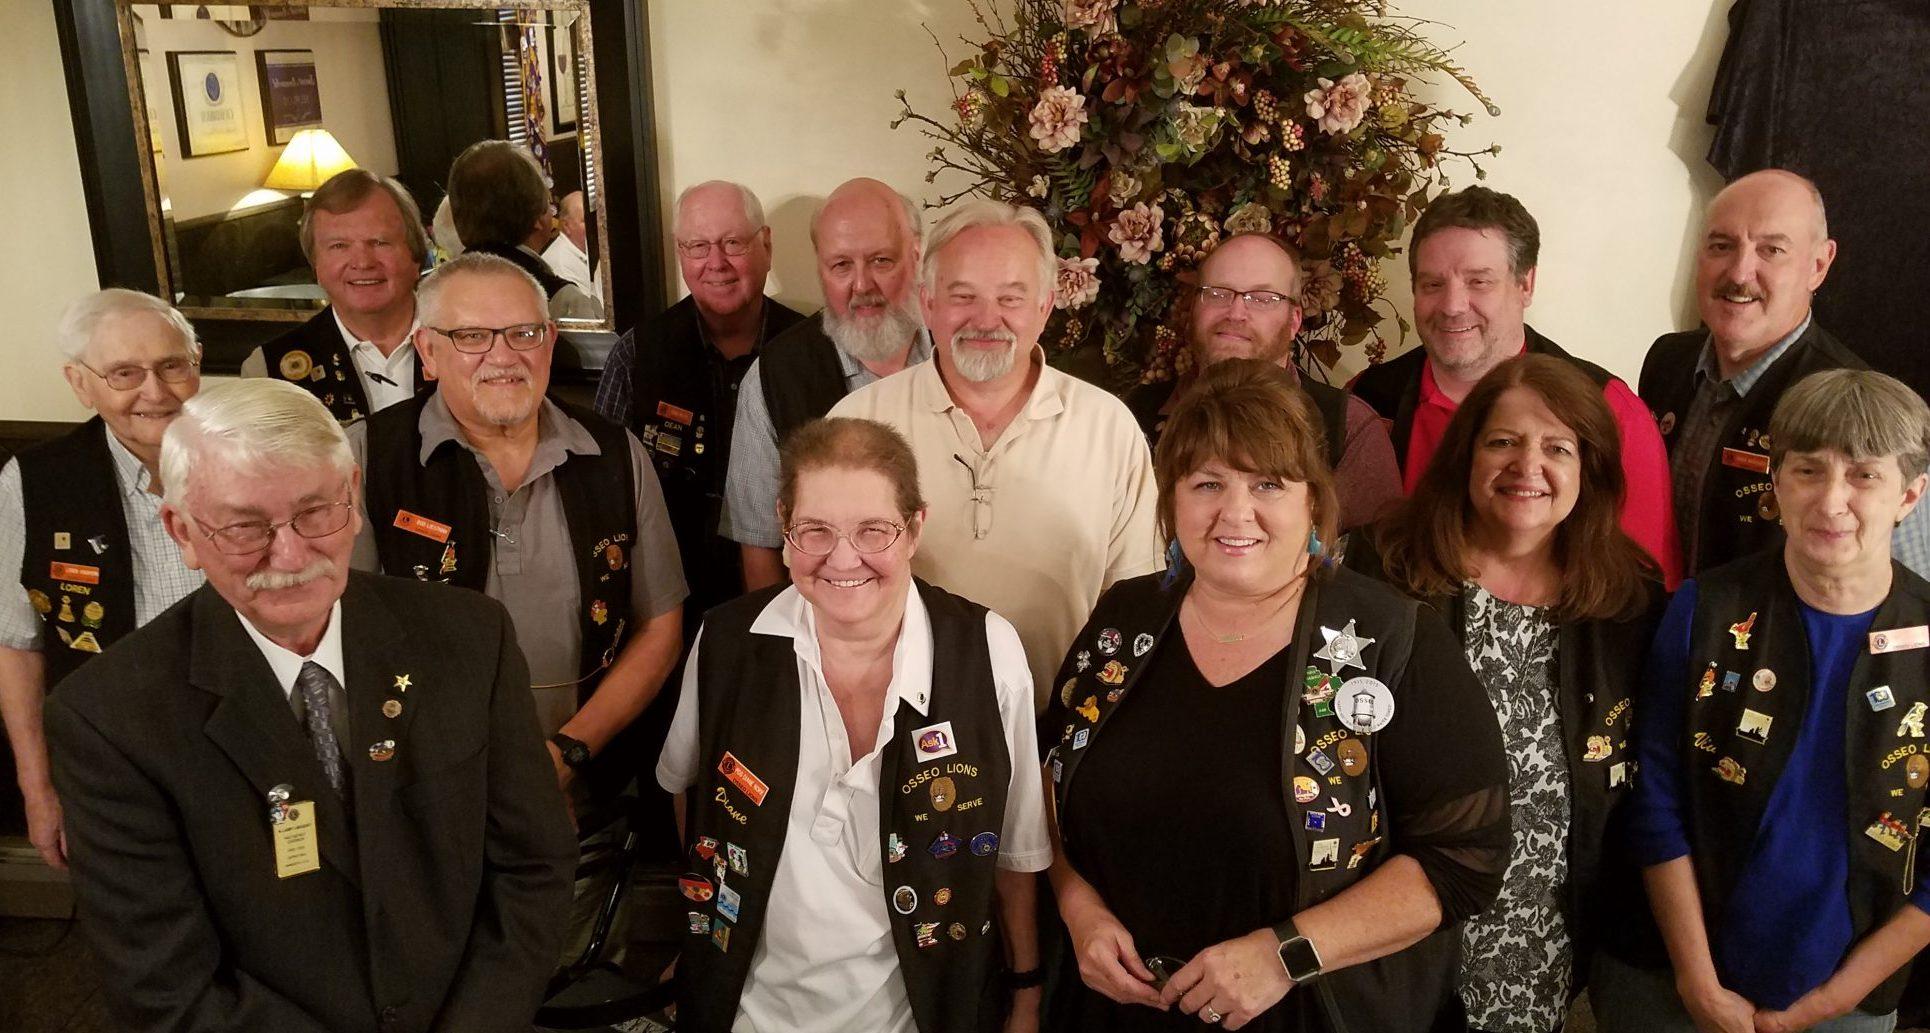 2018 Osseo Lions Board Members